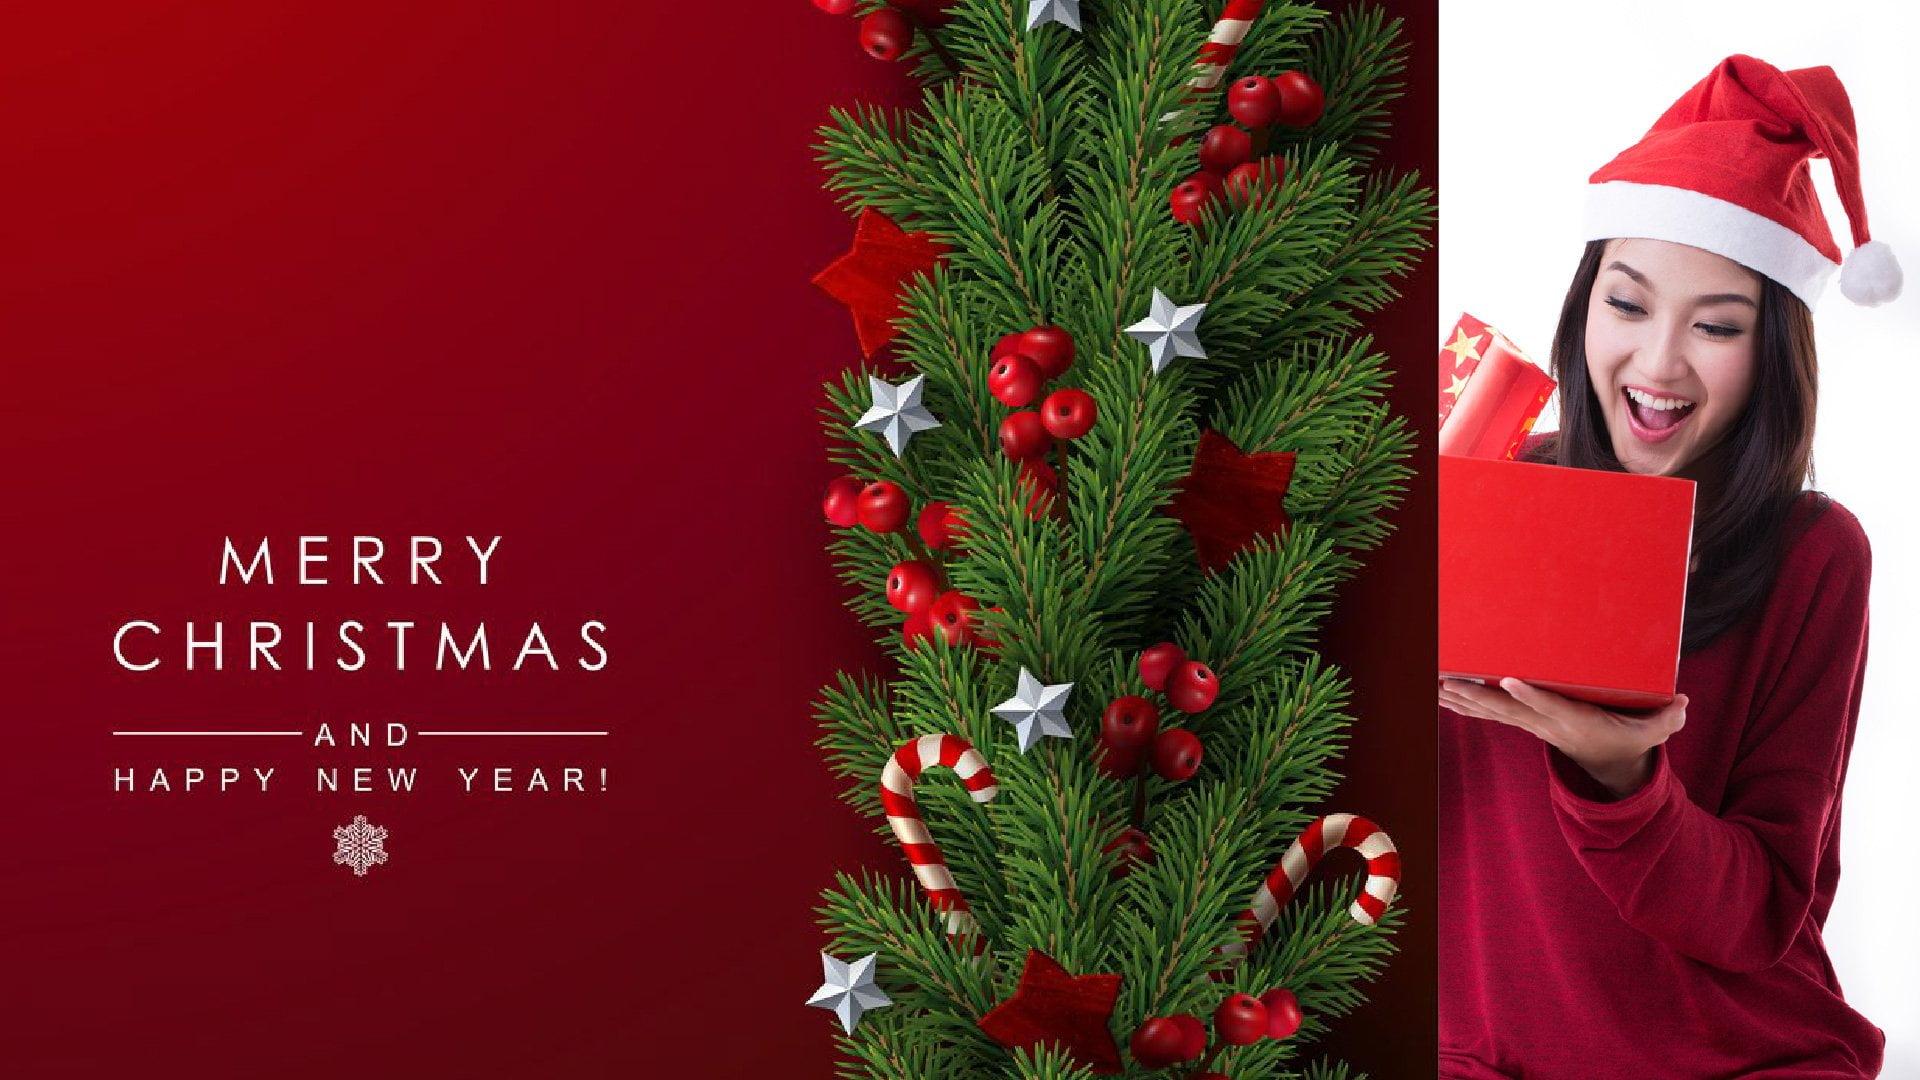 Desain Kartu Ucapan Natal Unik tahun 2019 | Yuk Intip ...